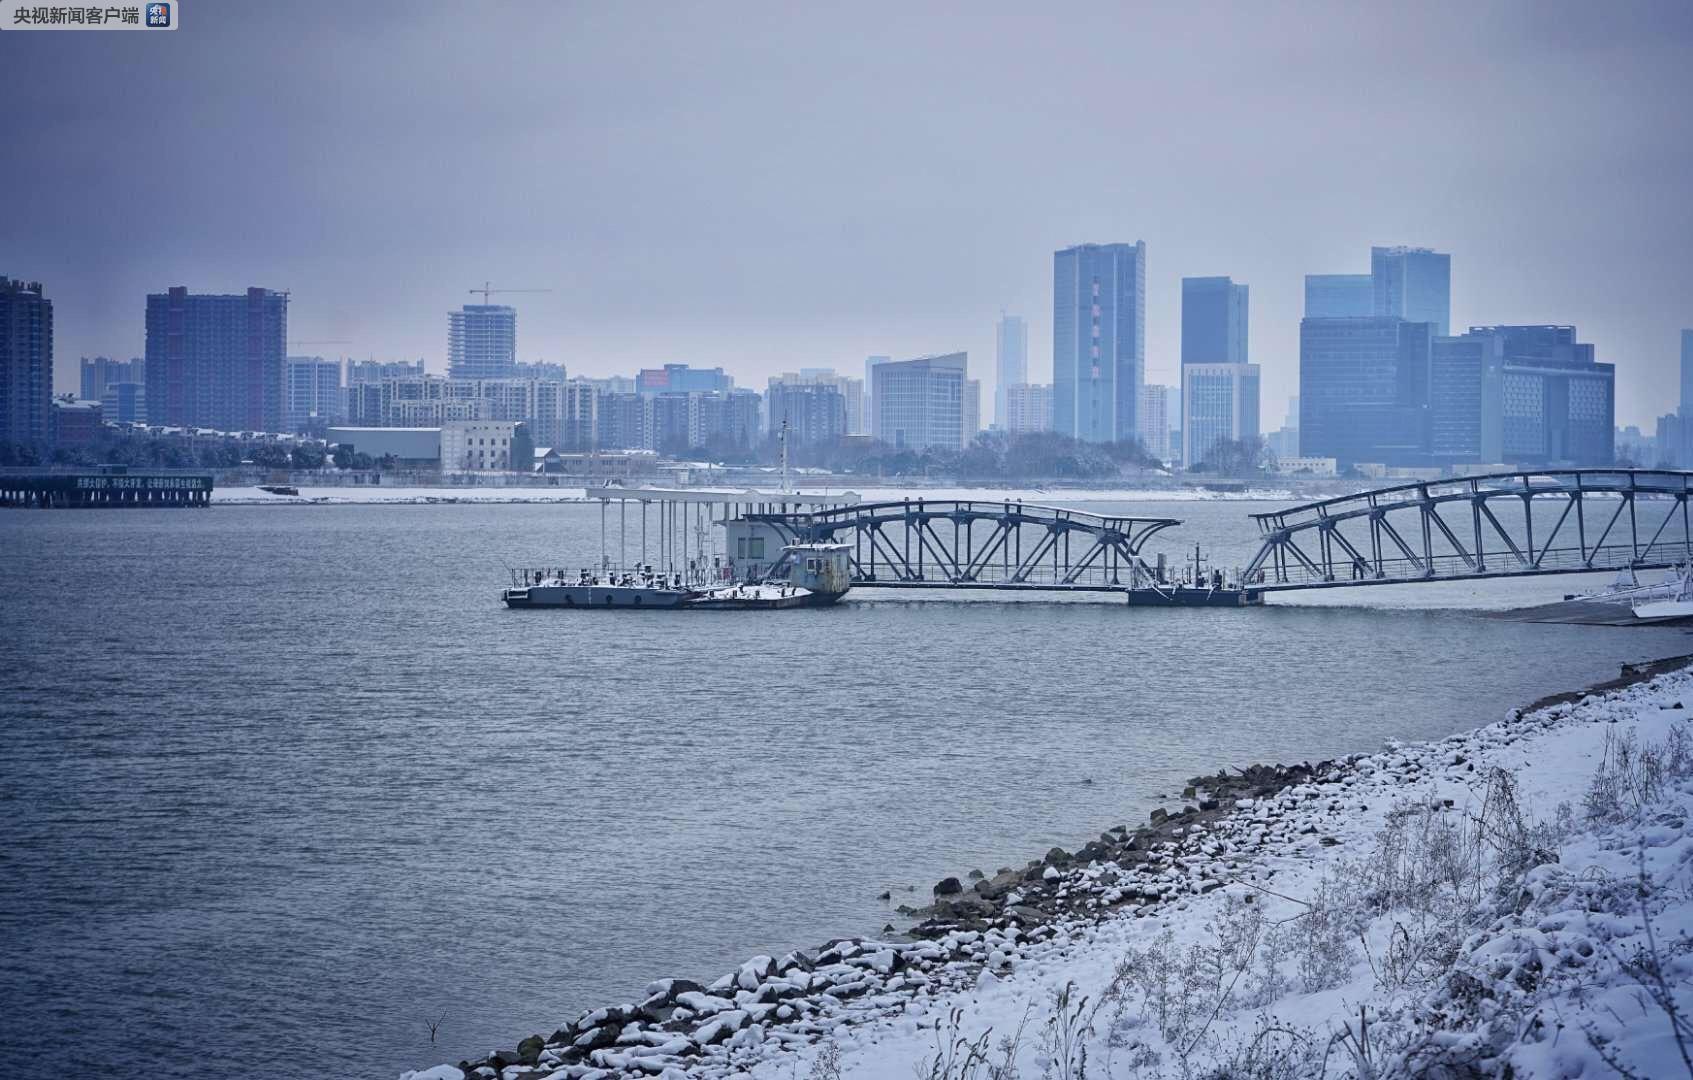 江苏多地迎来农历新年第一场降雪